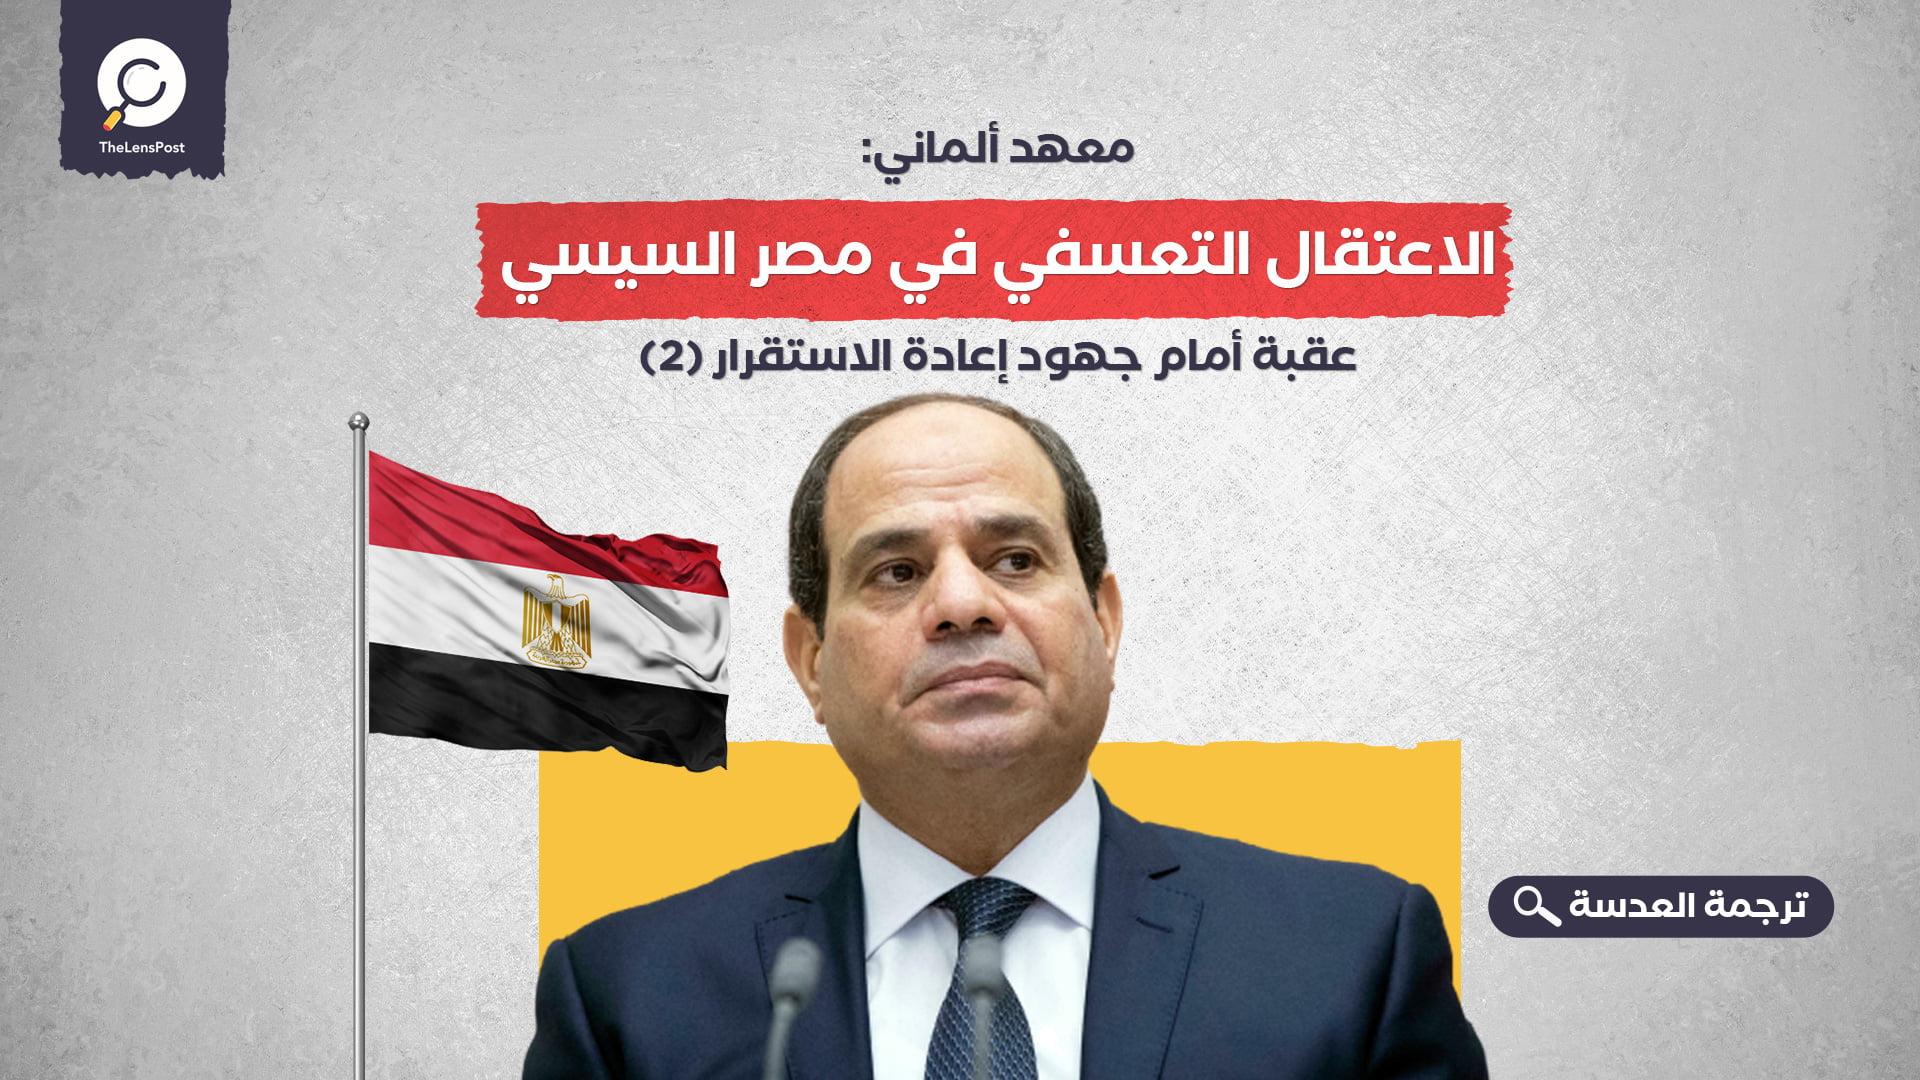 معهد ألماني: الاعتقال التعسفي في مصر السيسي عقبة أمام جهود إعادة الاستقرار (2)